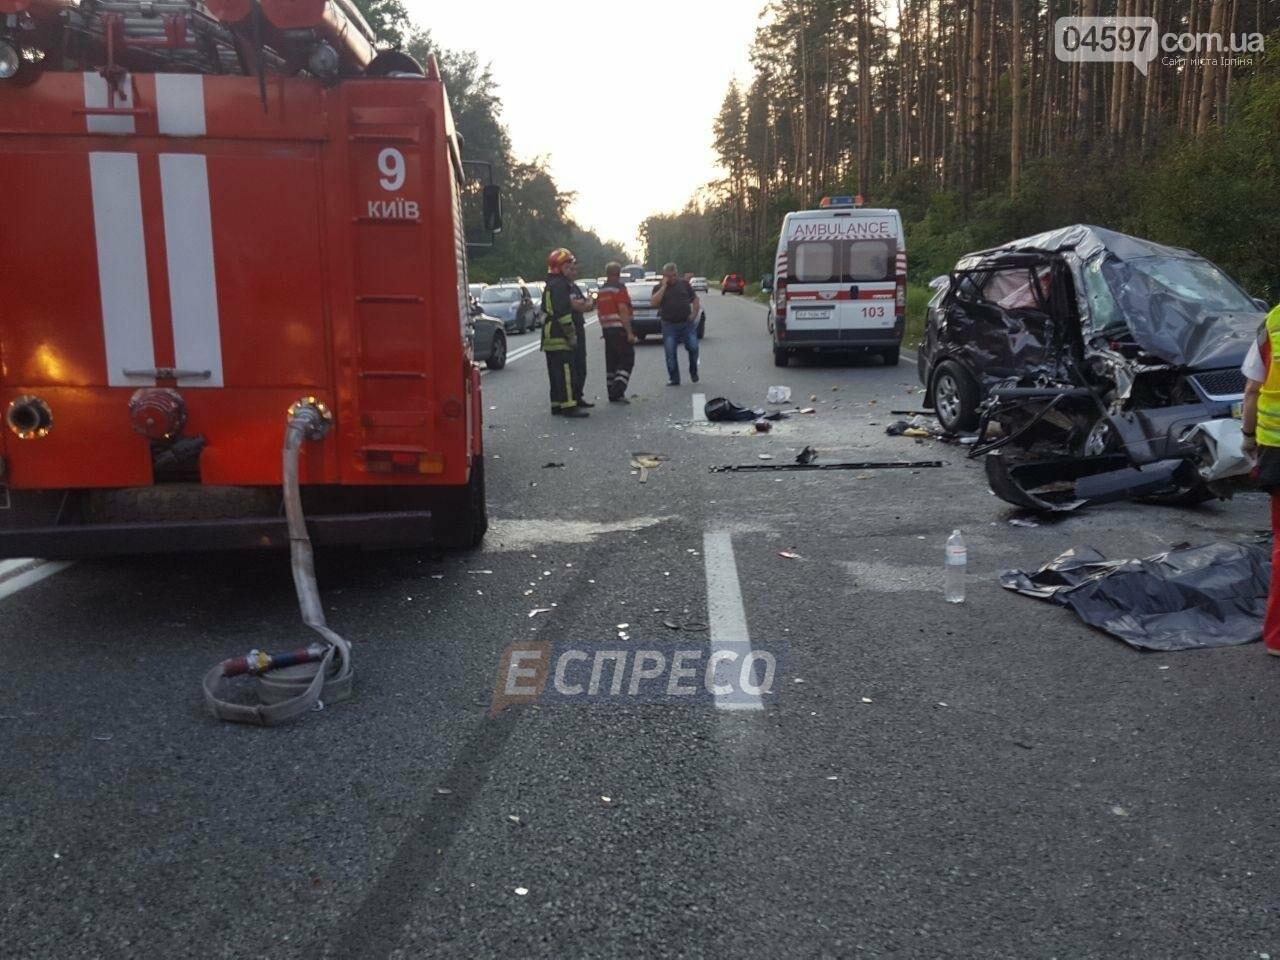 Смертельна ДТП на Новоірпінській трасі: 4 загиблих, 3 постраждалих, фото-3